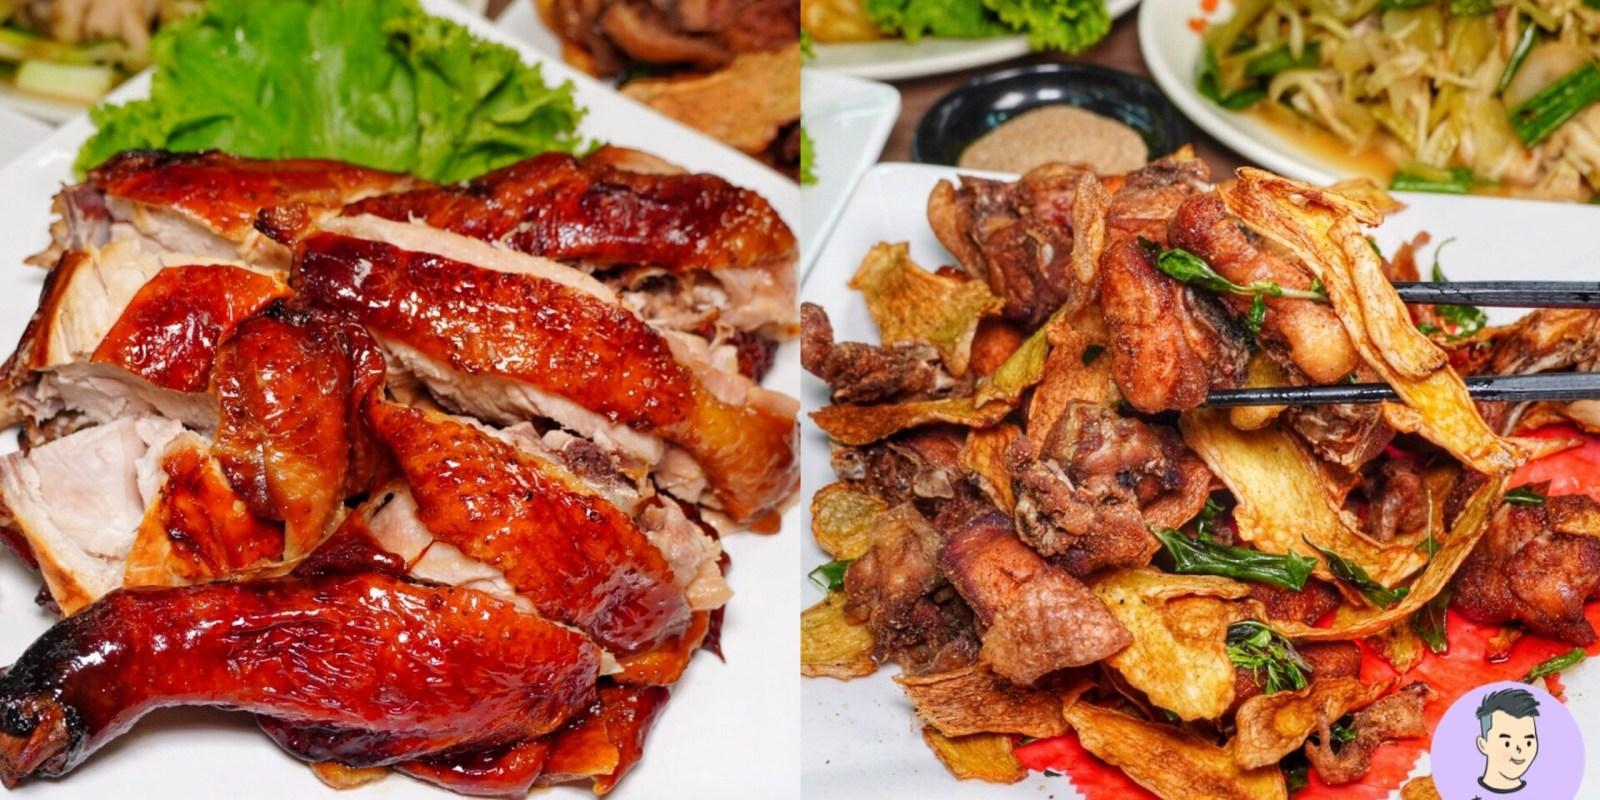 【台南美食】雞家庄 吃土雞不用跑山上 永康這家超厲害!必吃鹽焗雞/薑爆雞 皮Q肉多汁 白飯吃到飽 平價料理聚餐好選擇